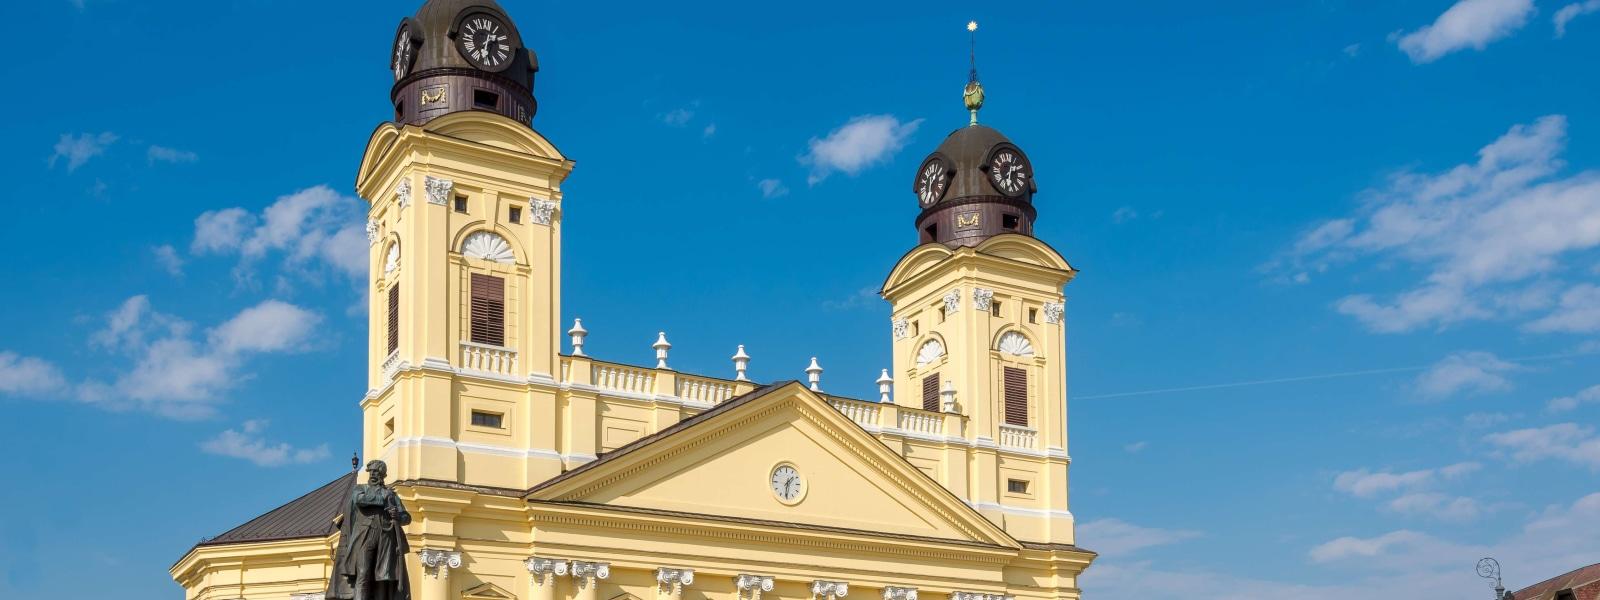 Debrecen-Tour-Guide